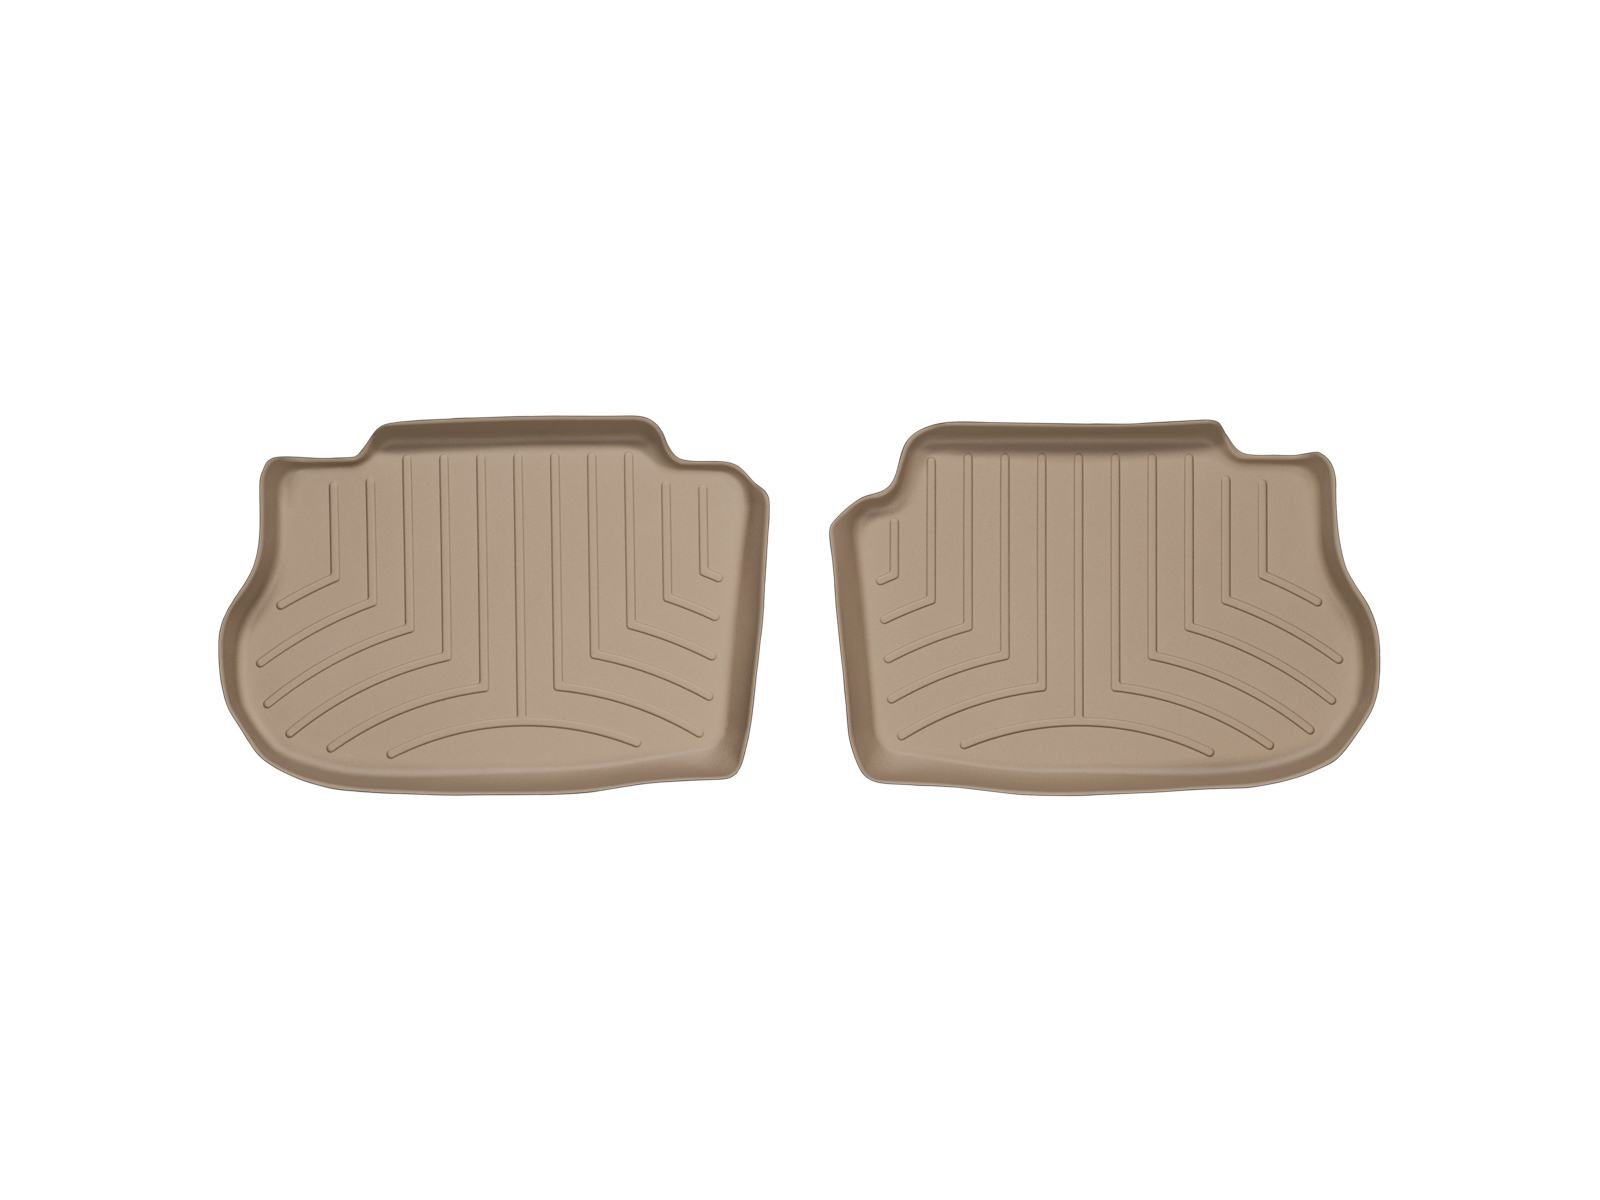 Tappeti gomma su misura bordo alto Infiniti FX 03>07 Marrone A1512